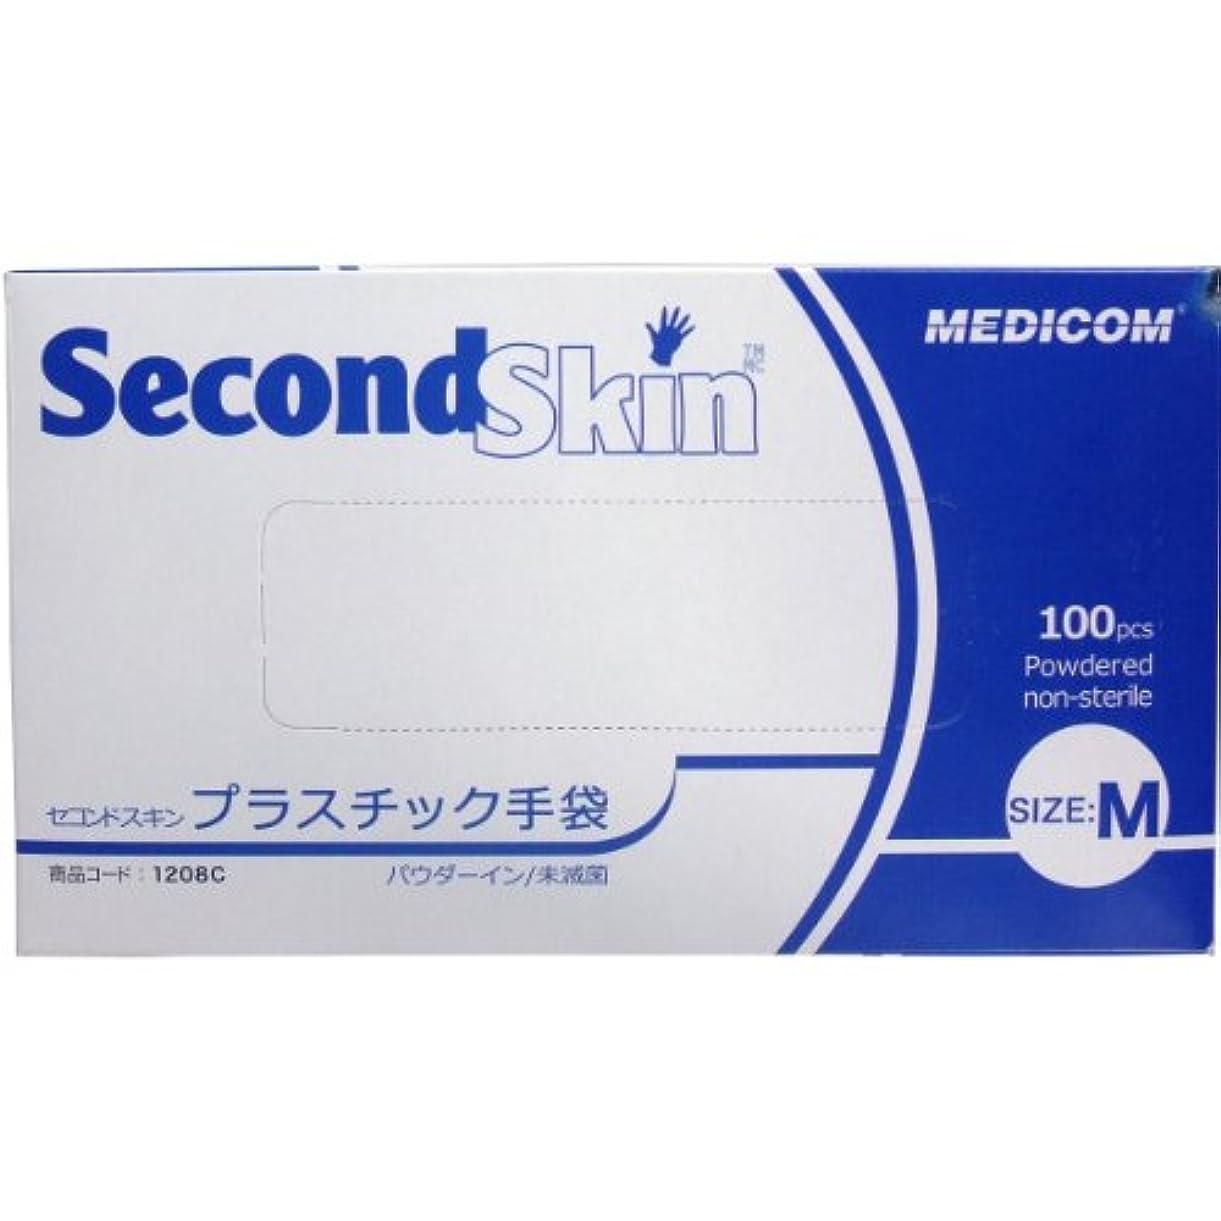 神散歩に行く船上セコンドスキン プラスチック手袋 Mサイズ 100枚入